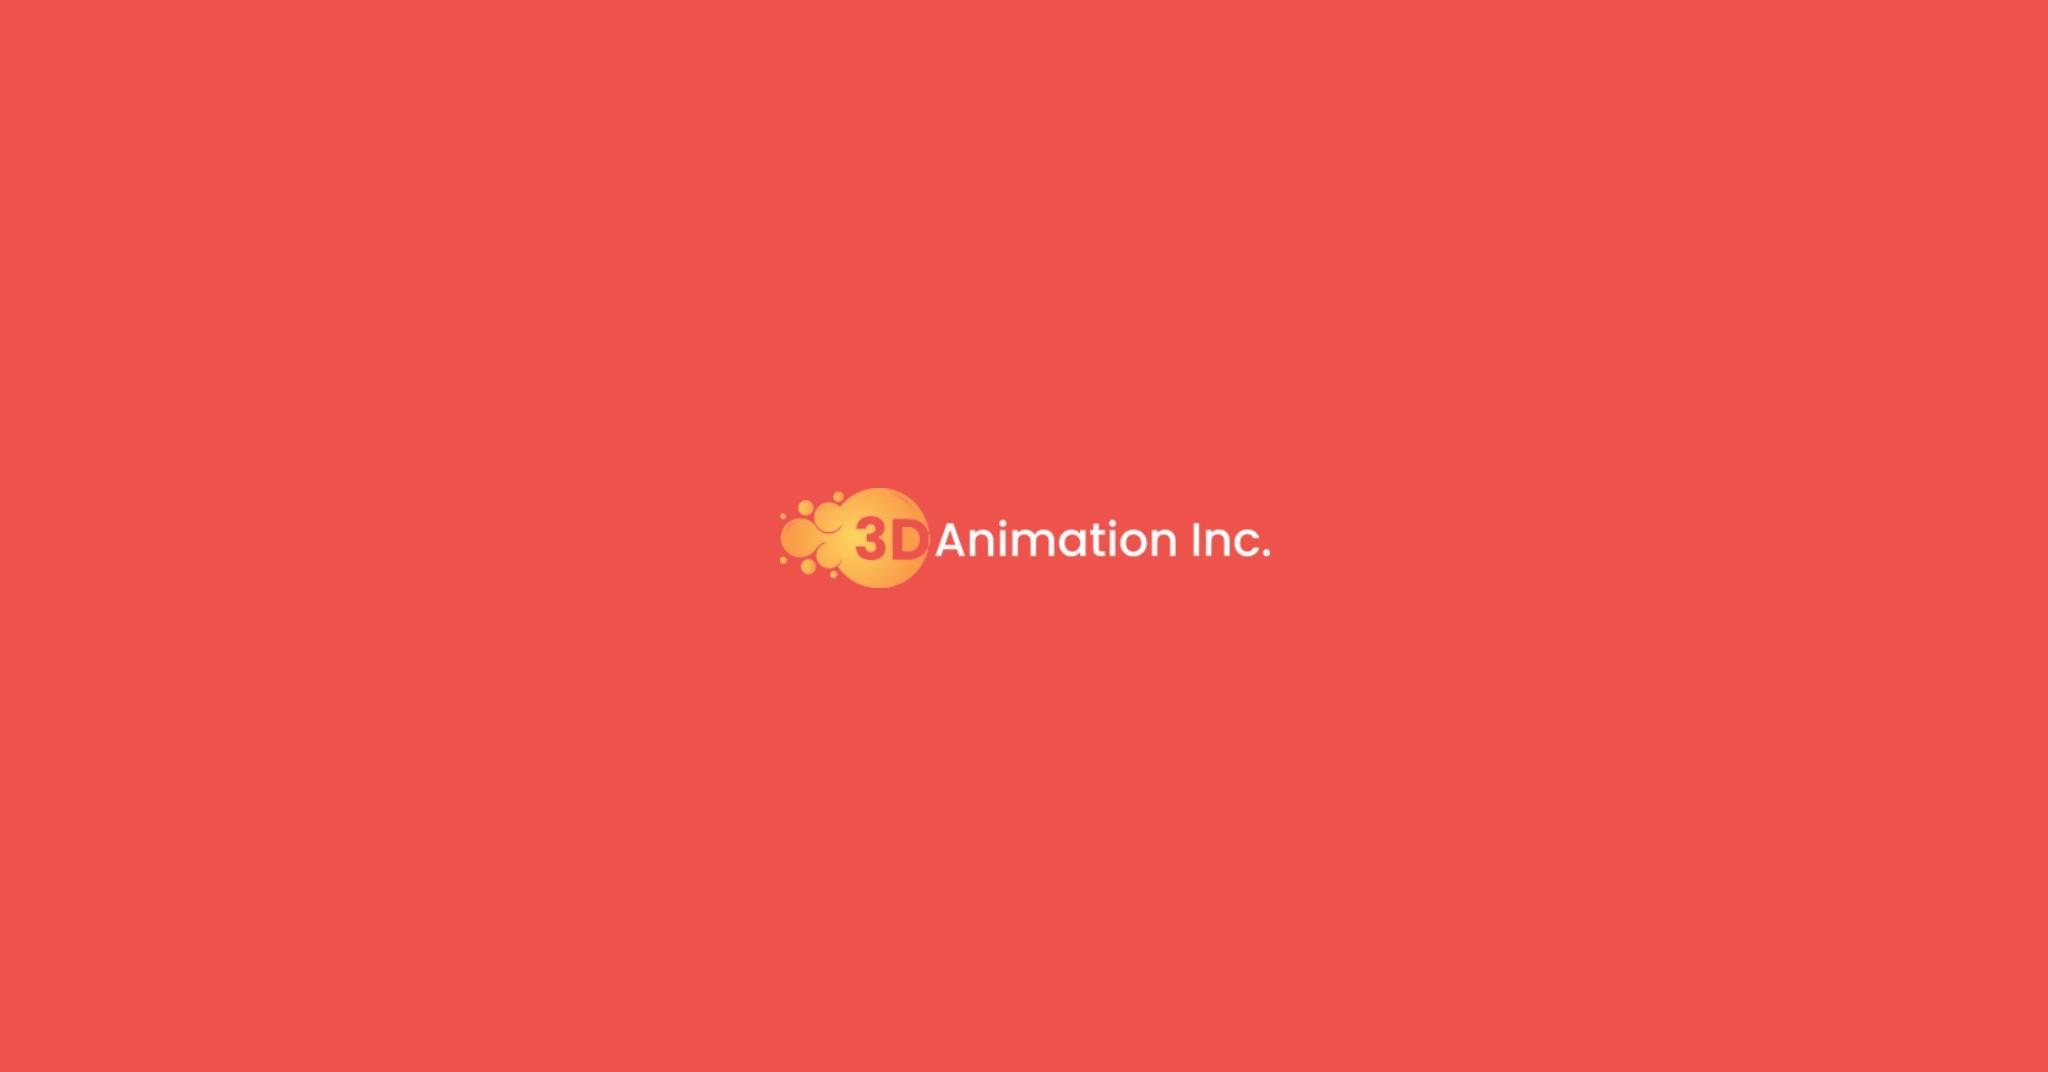 3d Animation Inc